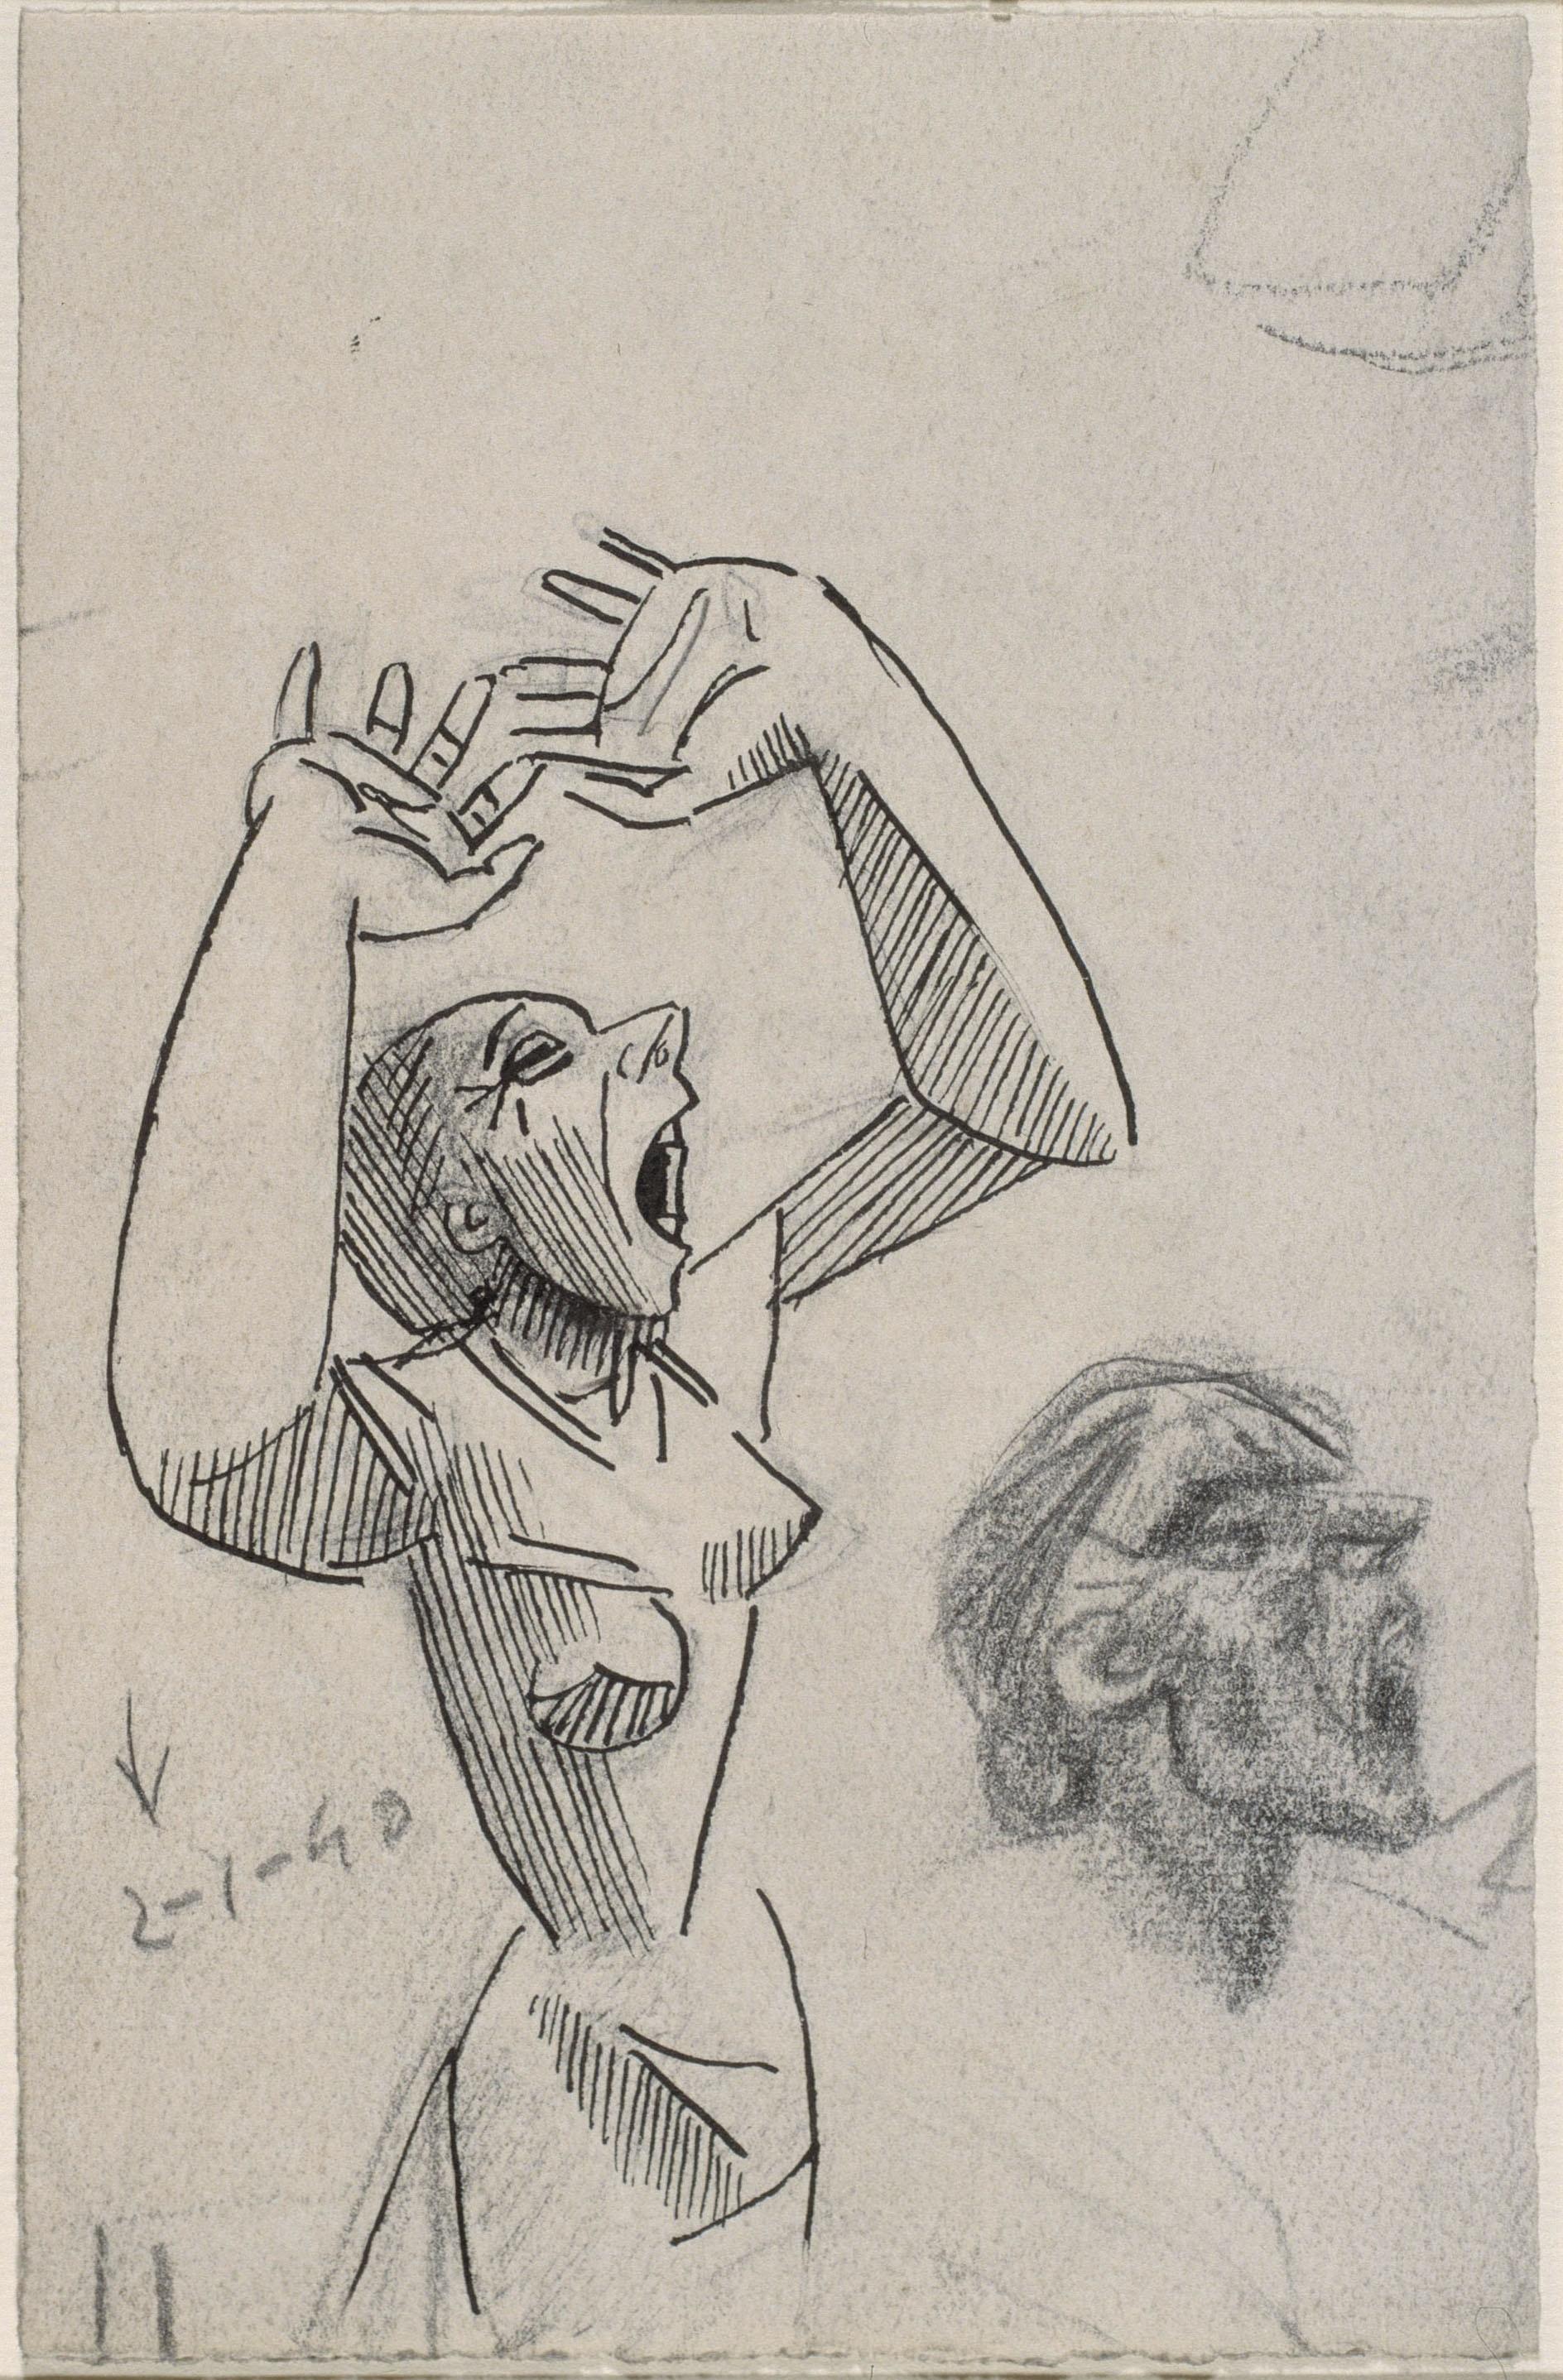 Juli González - Estudis de dona cridant - 1940